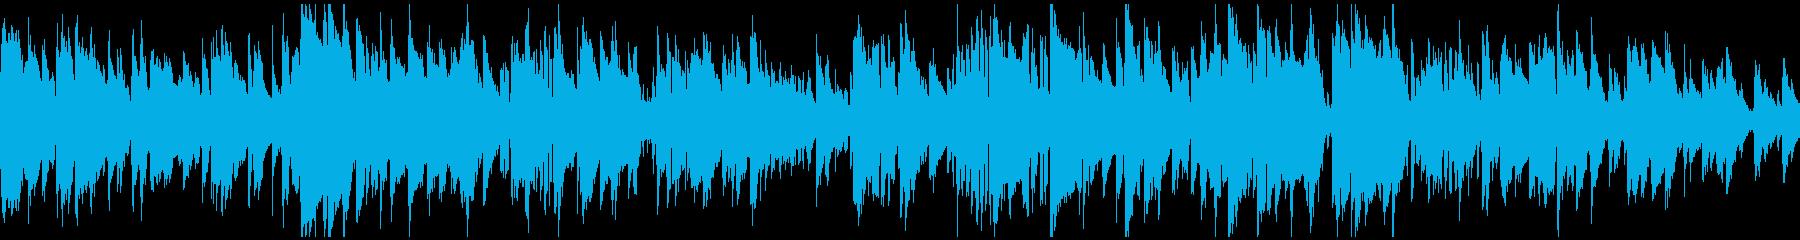 静かな大人の現代ジャズ、クール※ループ版の再生済みの波形